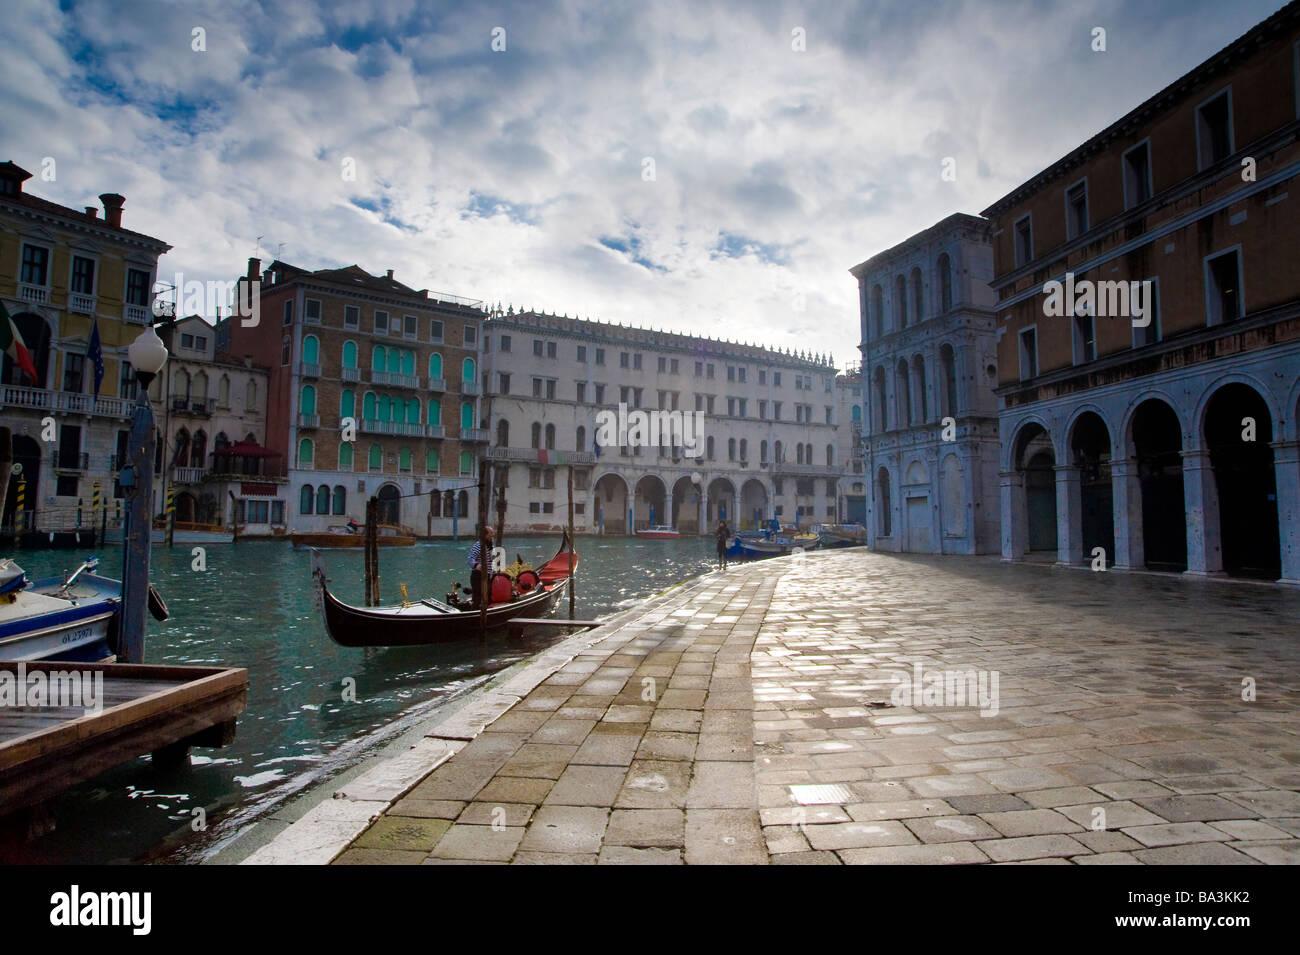 Campo San Giancomo di Rialto, Rialto, San Polo, Venice, Italy. - Stock Image